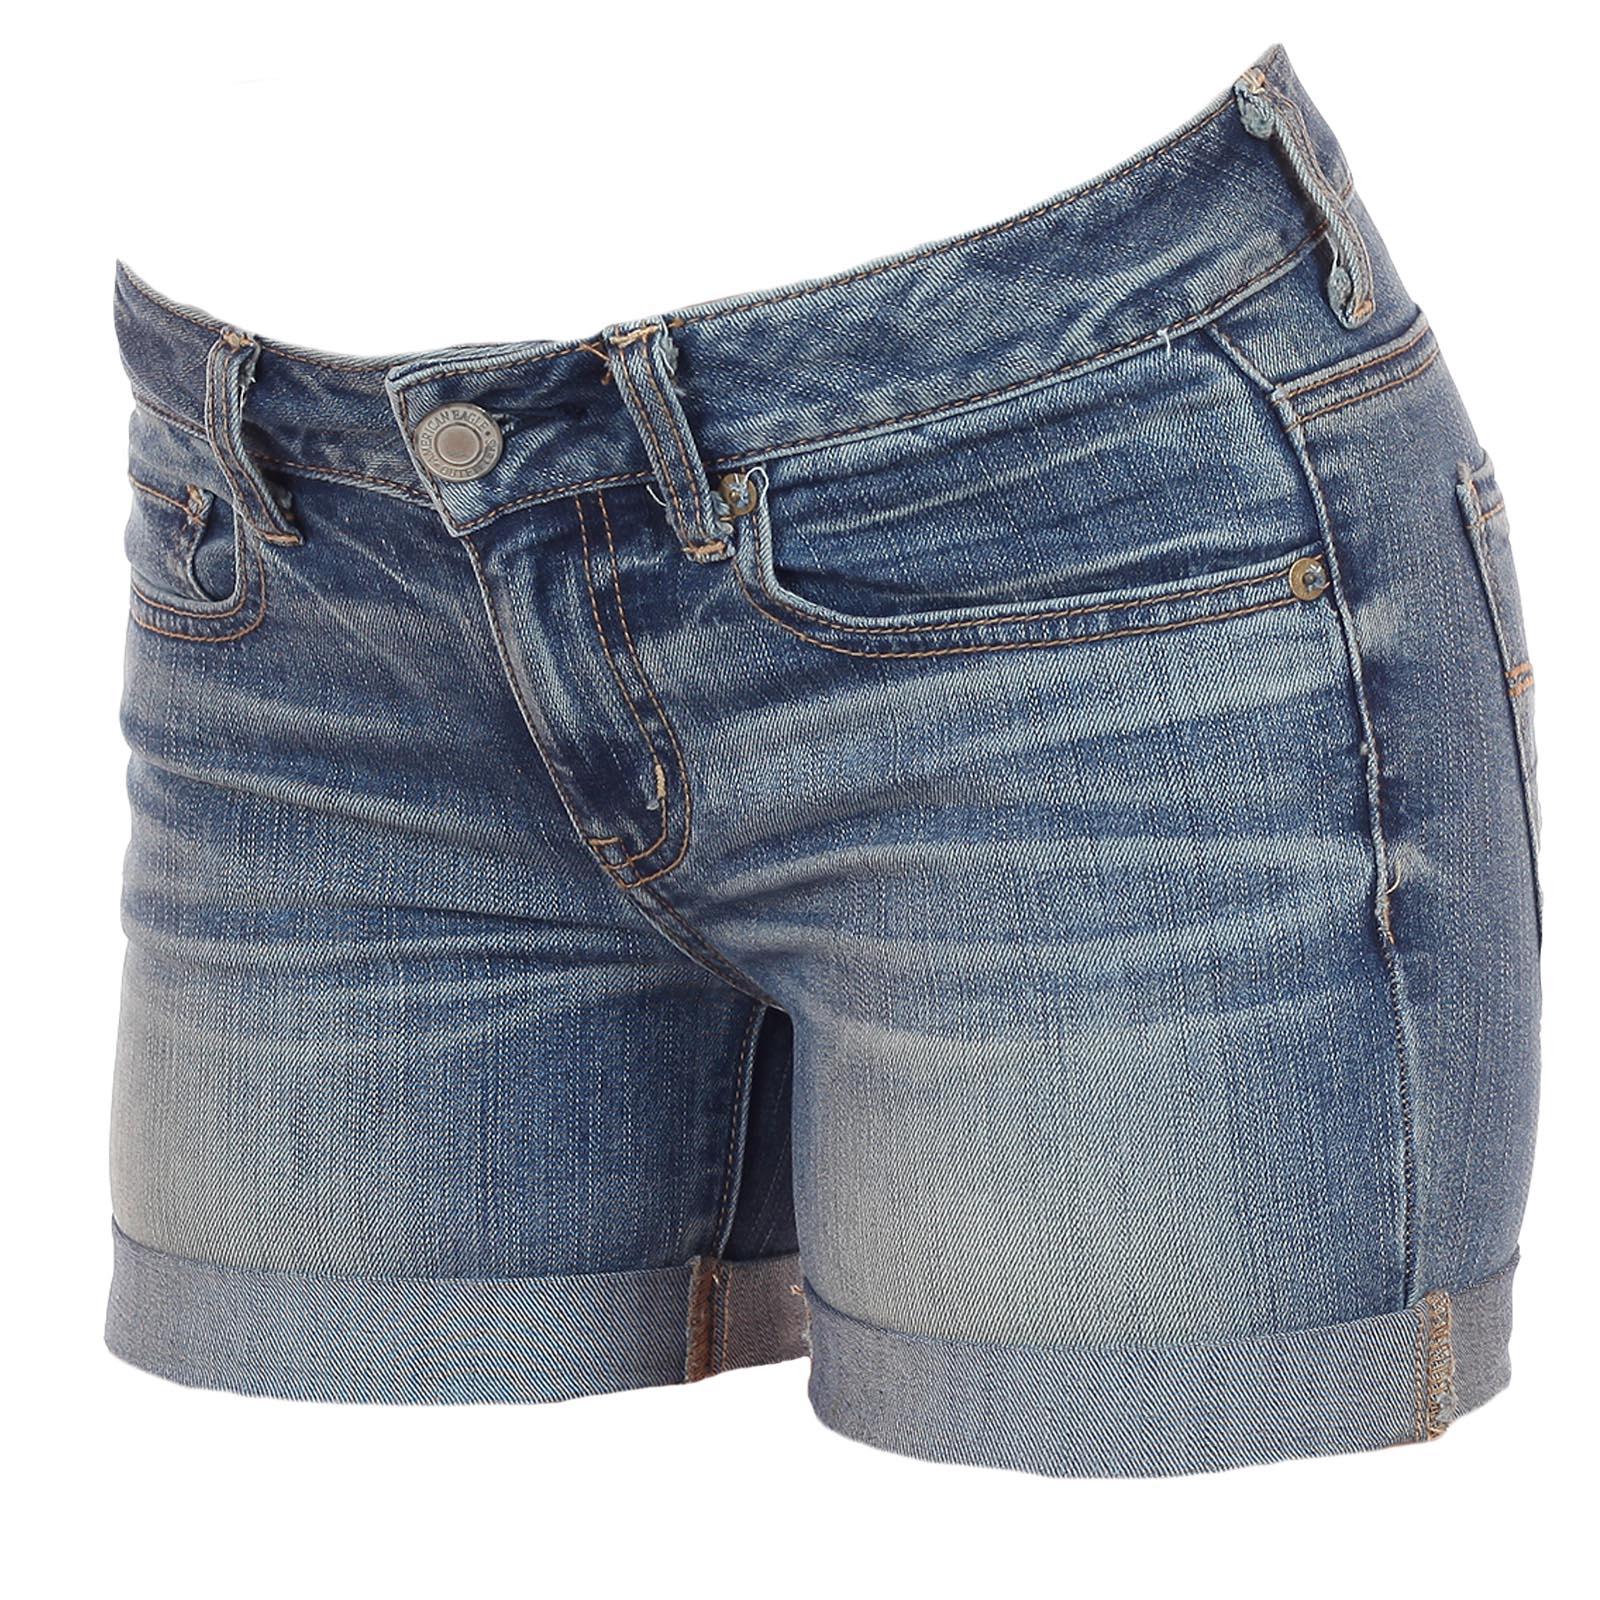 Джинсовые шорты American Eagle комфортной длины: и попой повилять, и на парней повлиять, и себя показать! ЖИВИ МОМЕНТОМ!